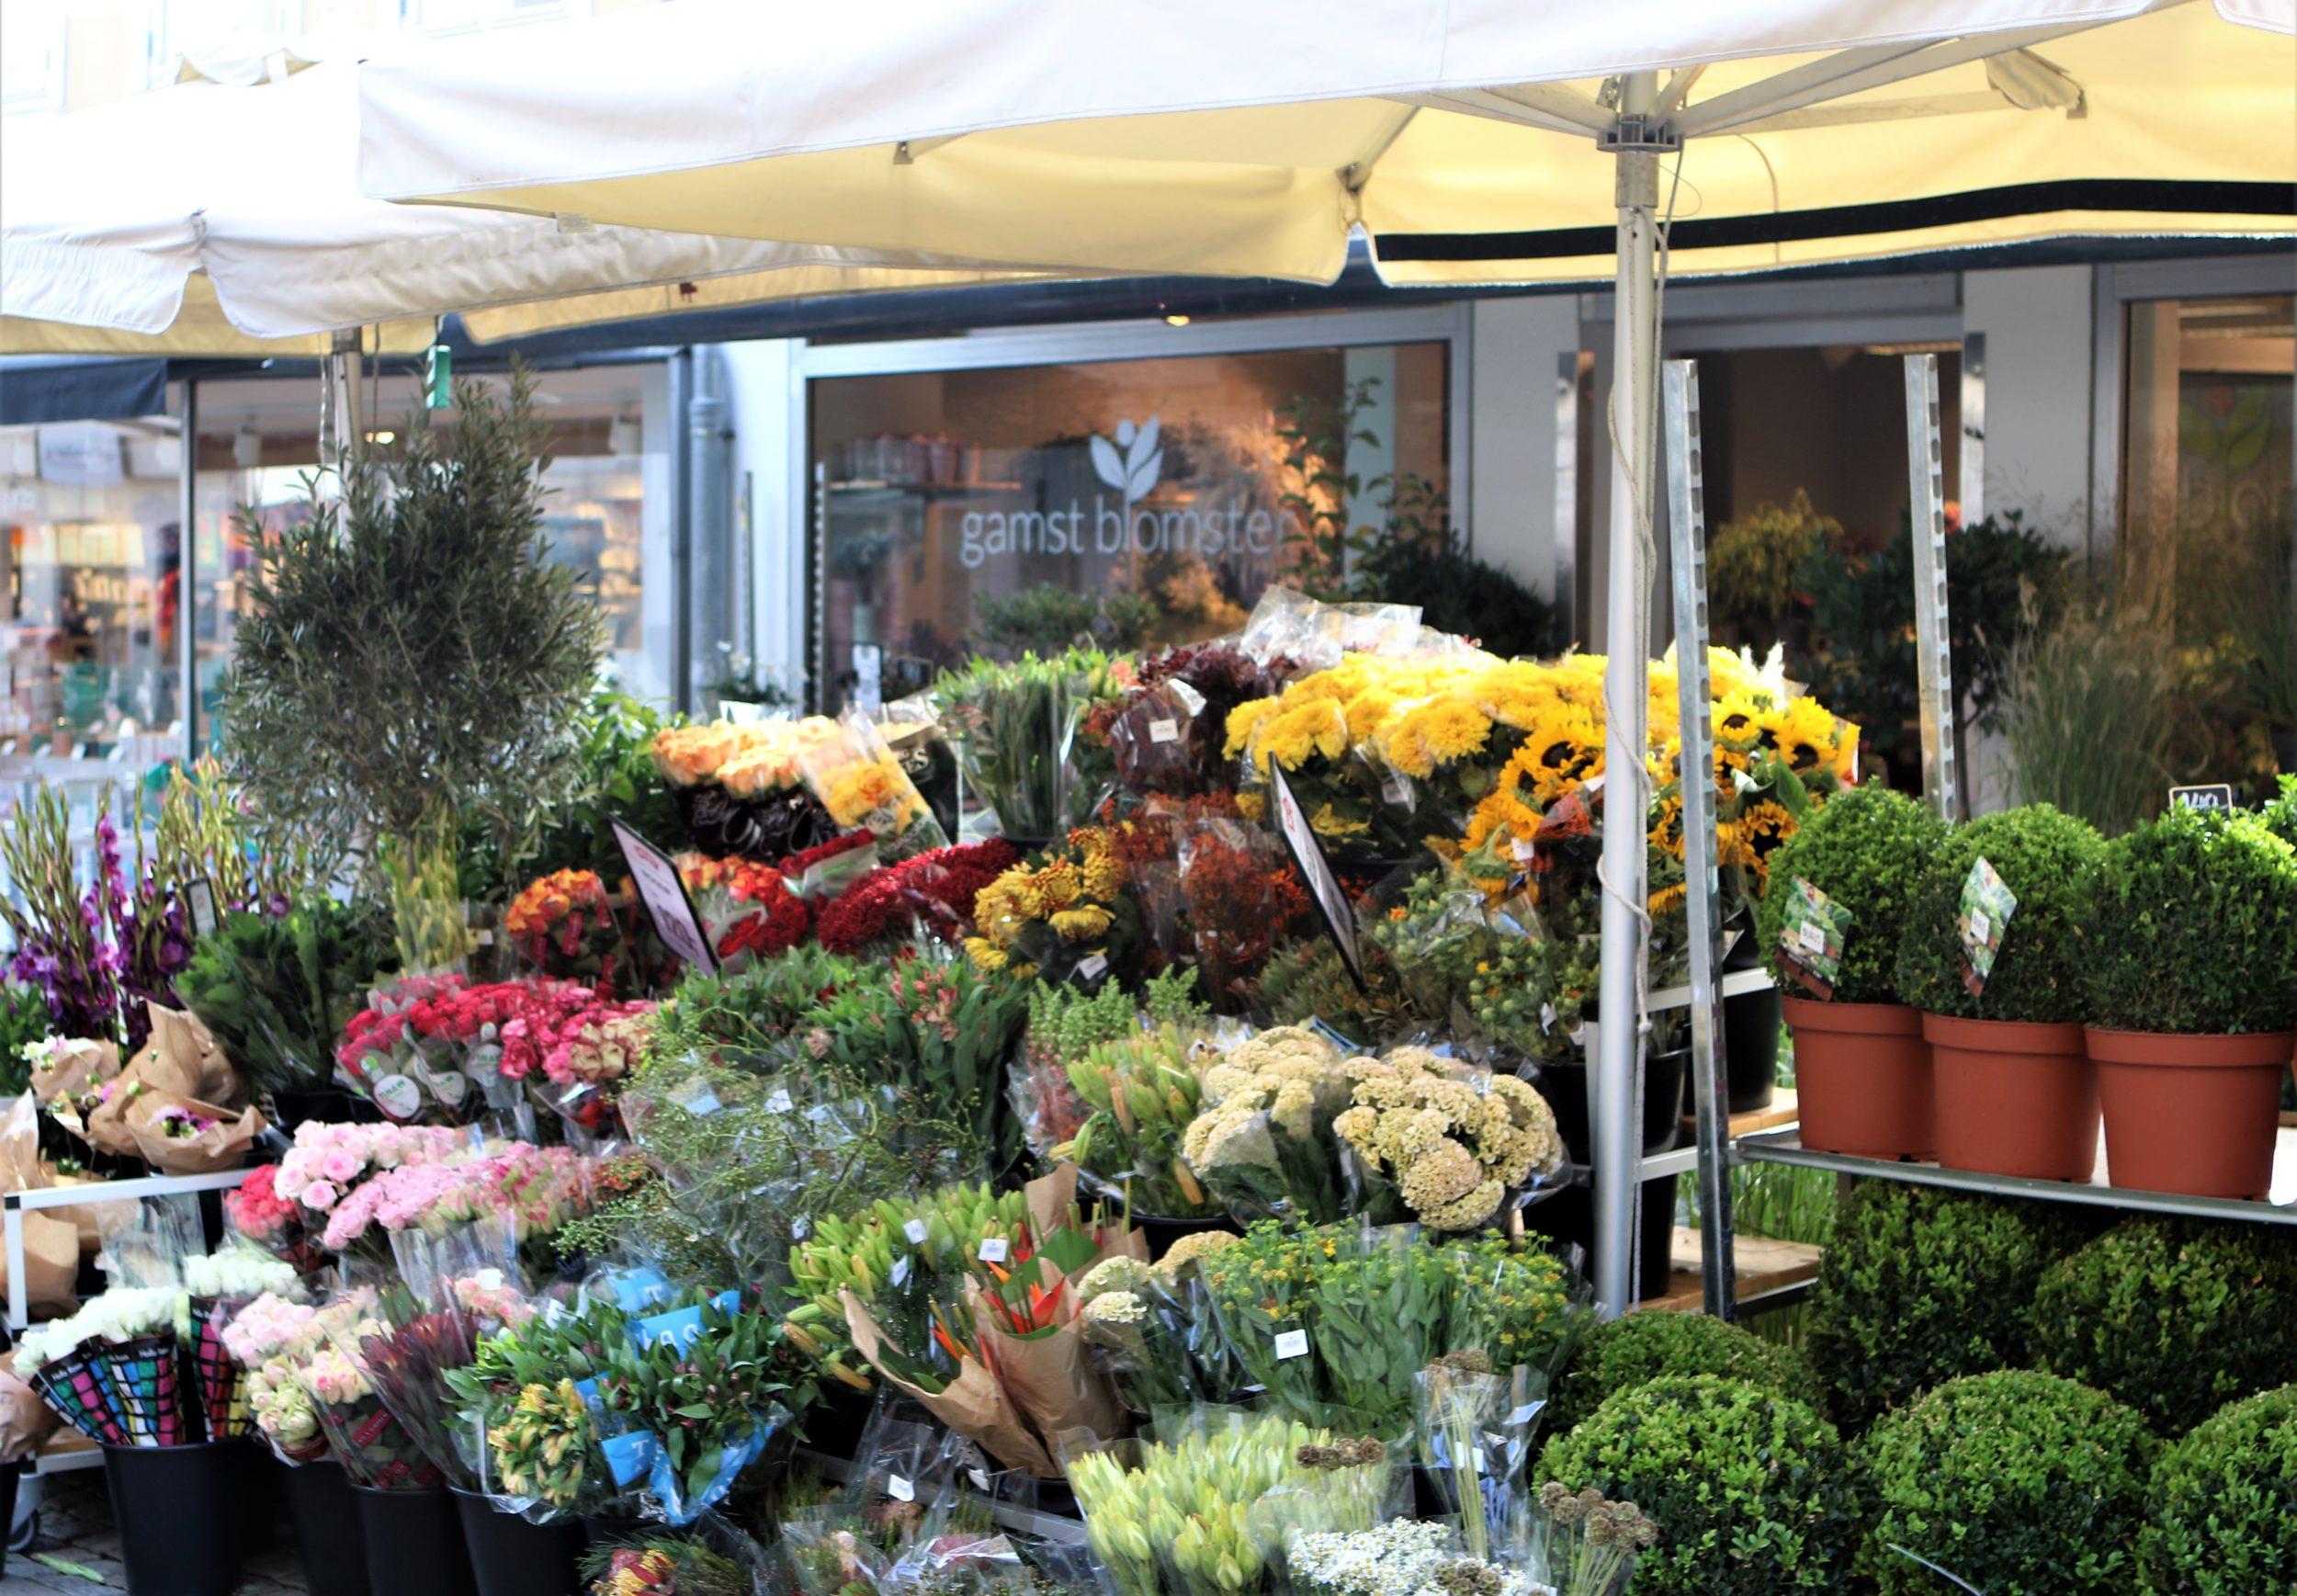 Unikke blomsterdekorationer hos Gamst Blomster